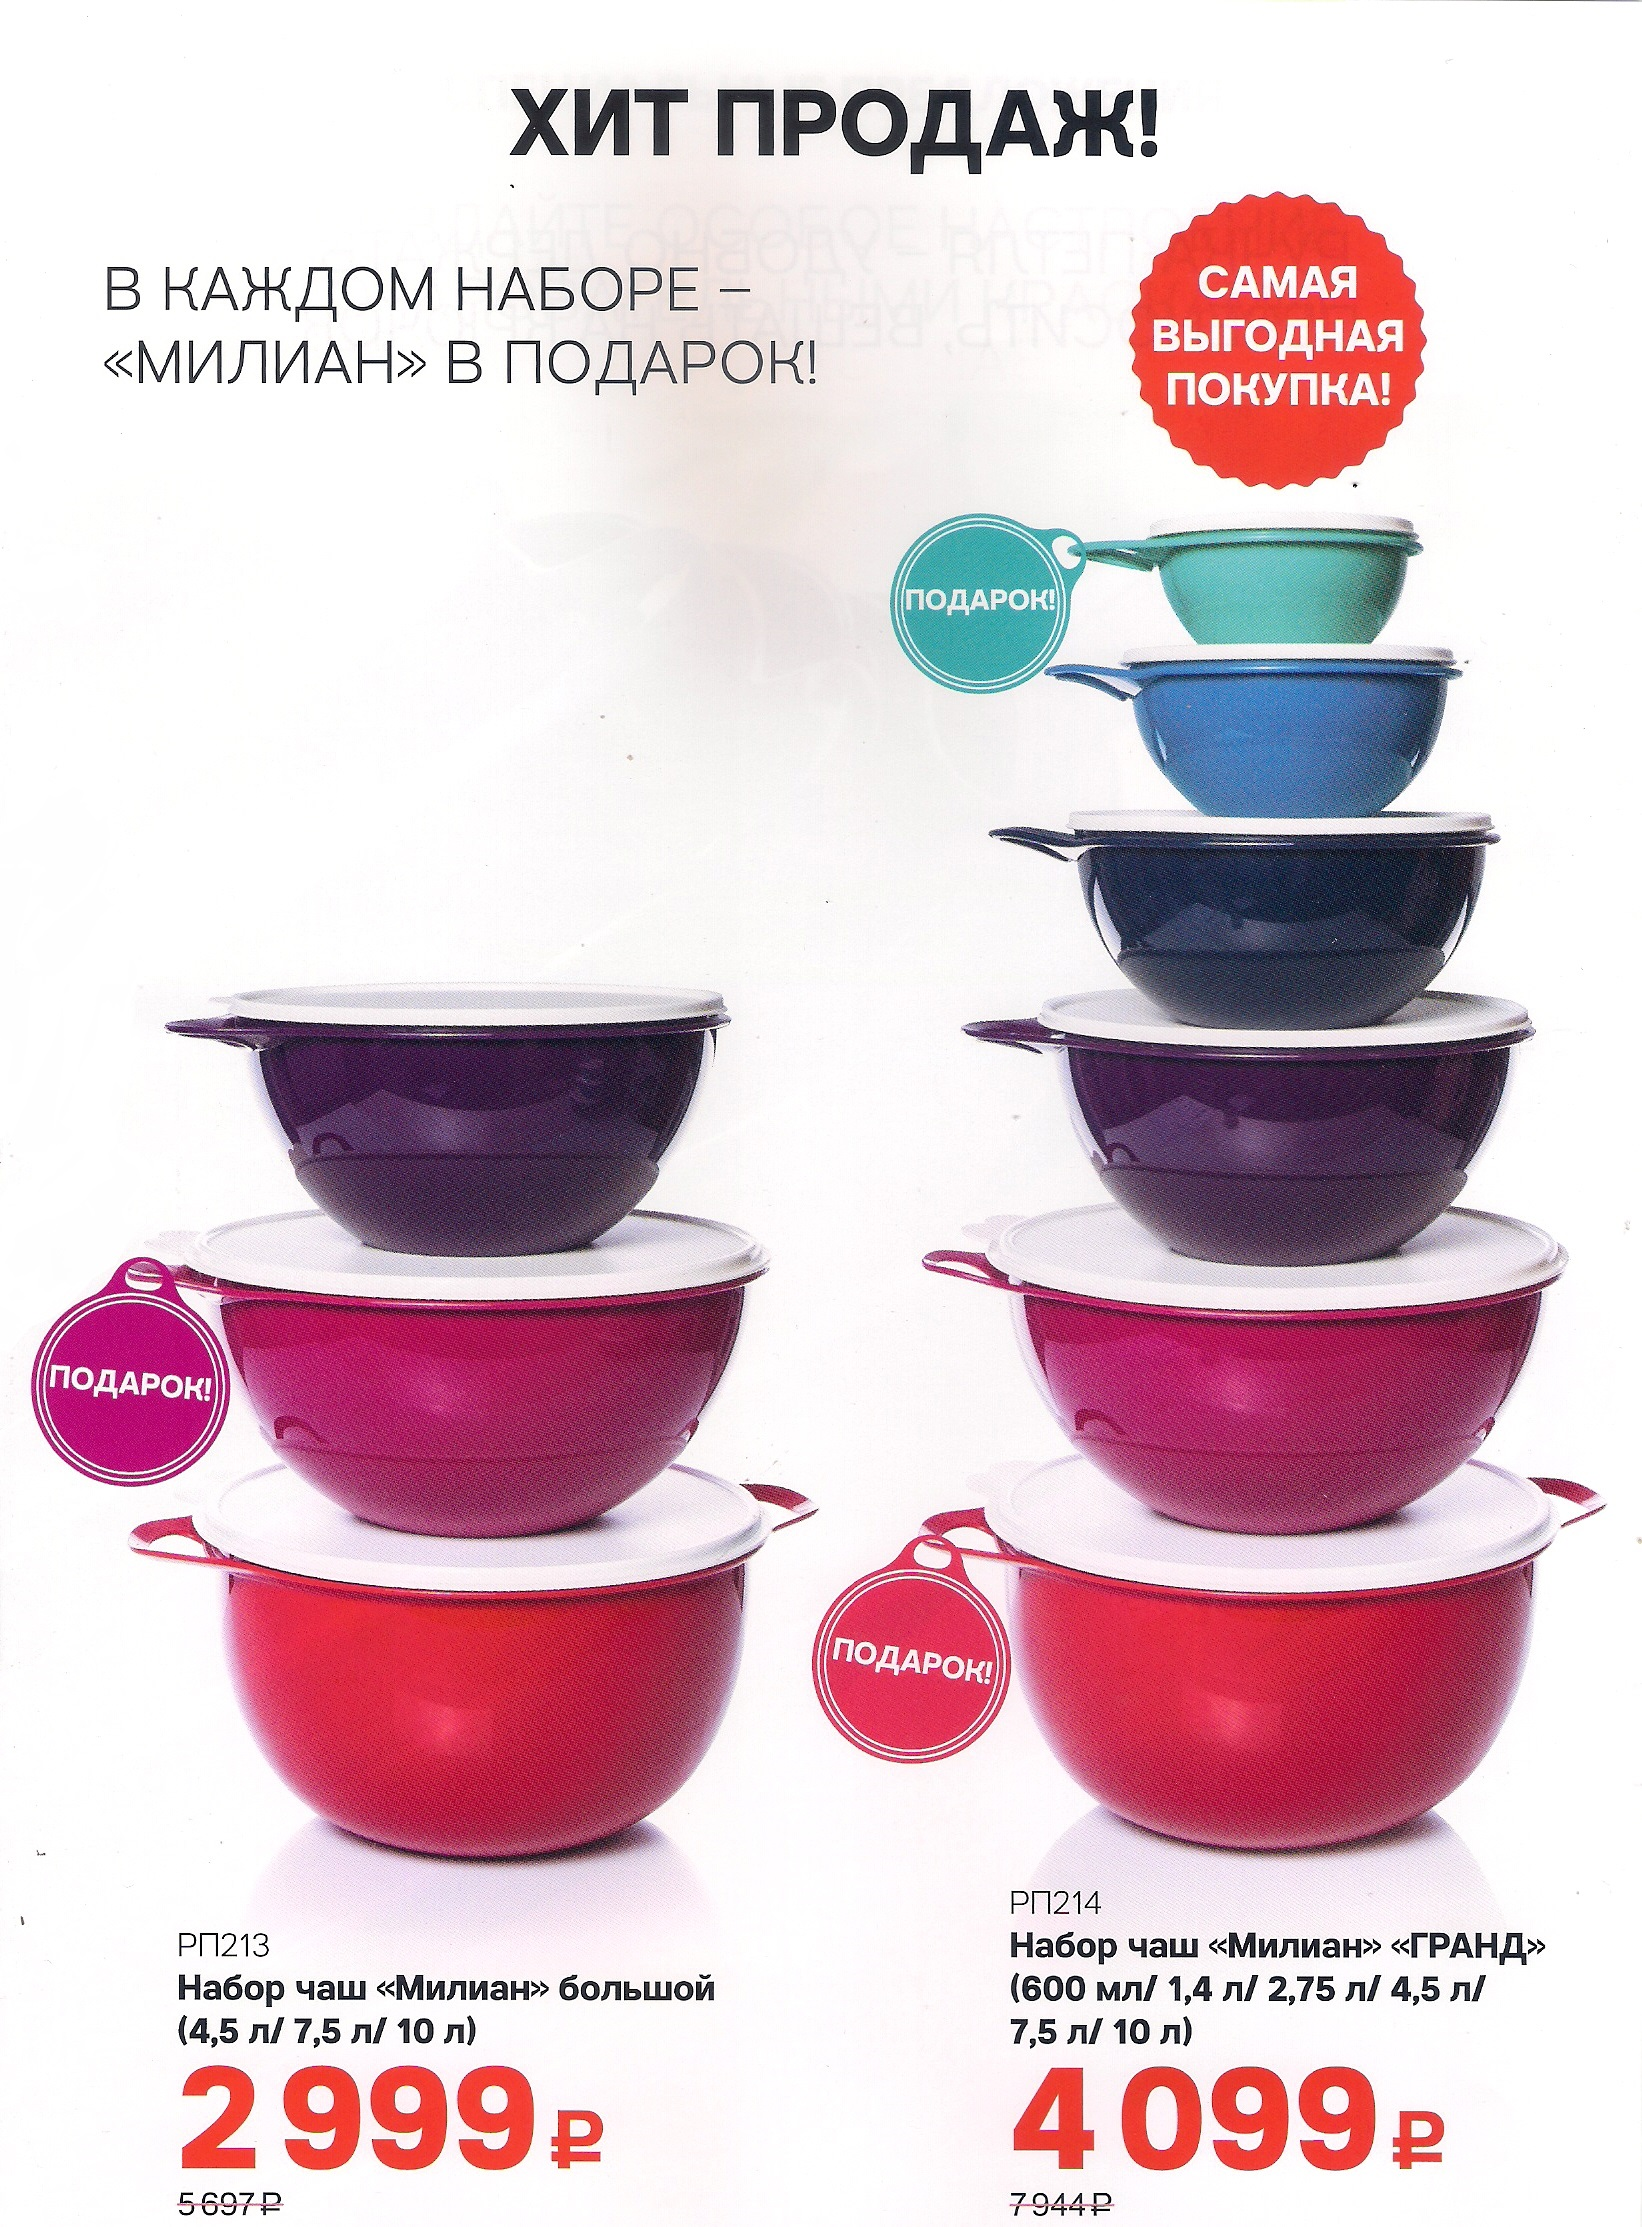 http://tupperware-online.ru/images/upload/5n.jpg